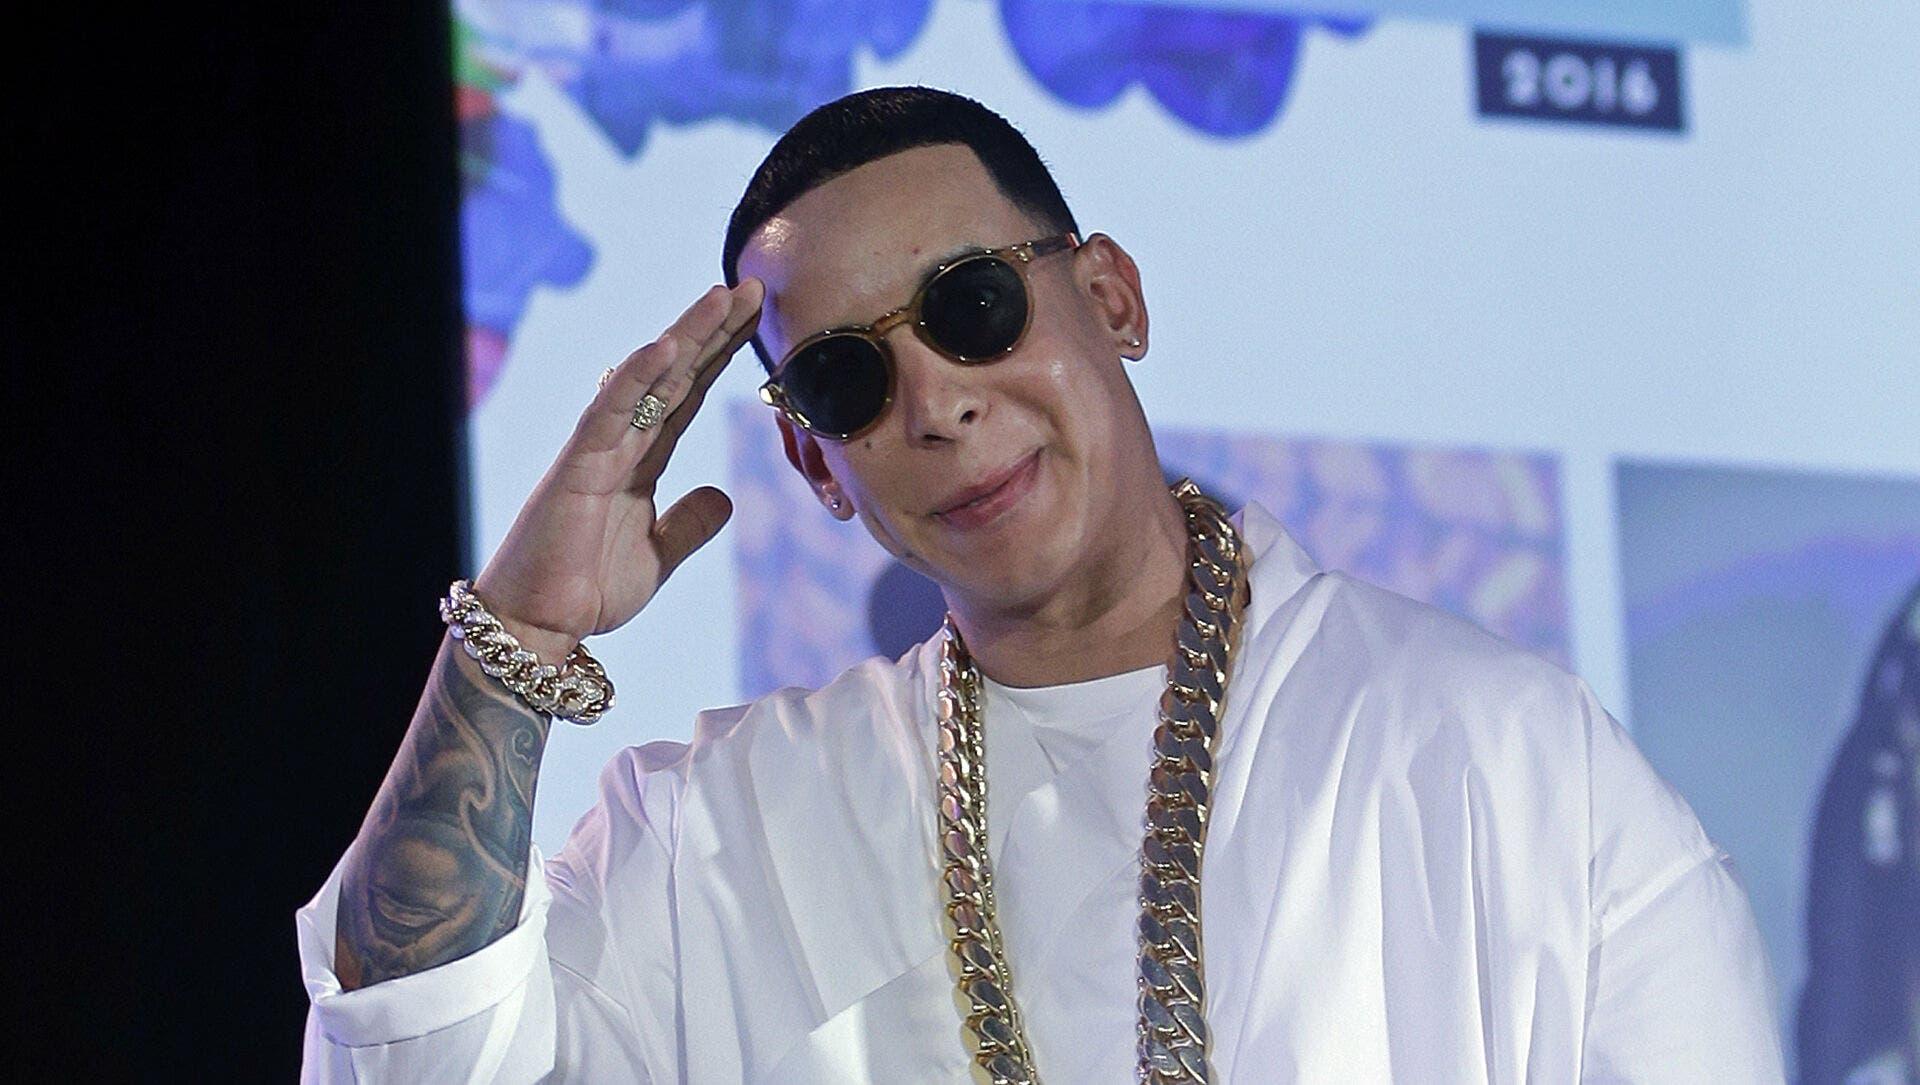 Tres canciones llegan a las 1,000 millones reproducciones en Spotify